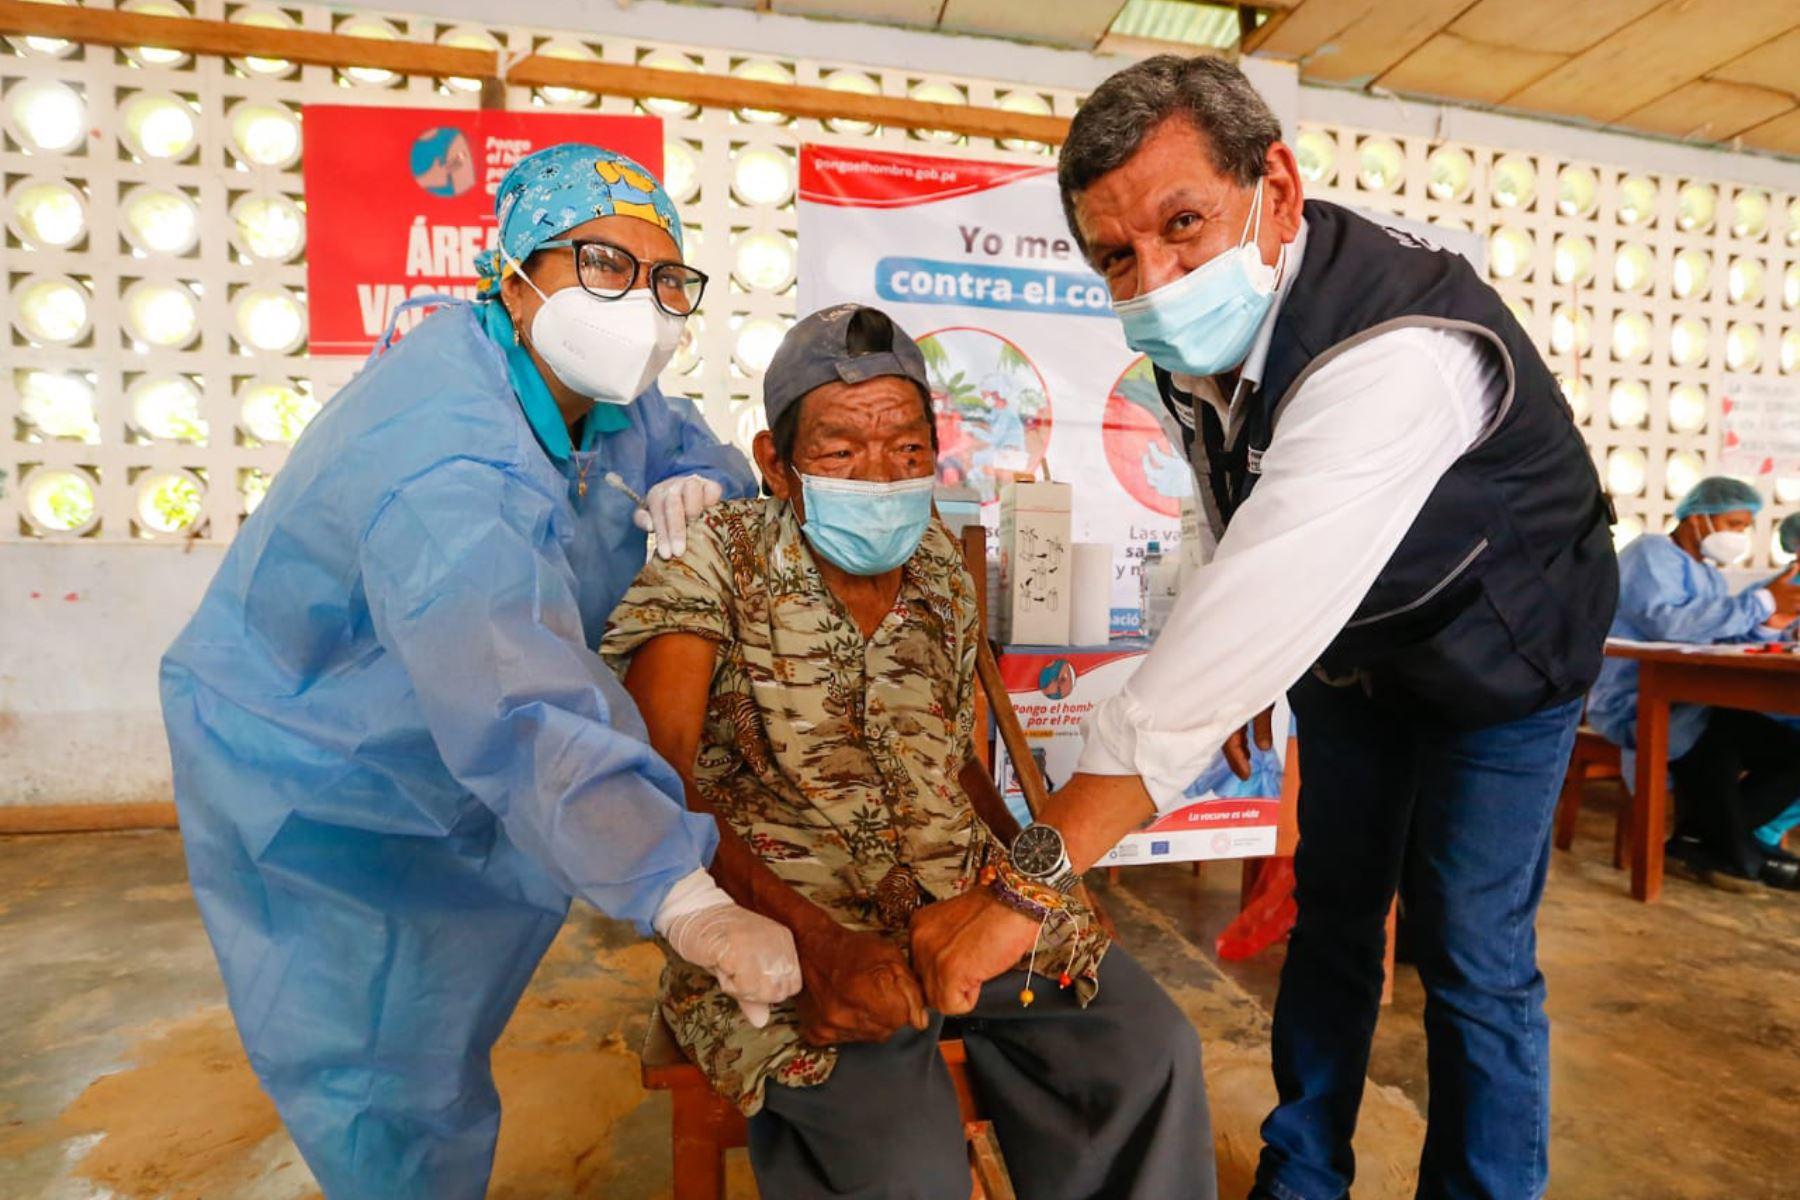 Ministerio de Salud, bajo su estrategia Vamos a tu encuentro, el proceso de vacunación a los ciudadanos, buscando activamente personas con primera o segunda dosis pendiente para cerrar la brecha de los no inoculados. Foto: Minsa